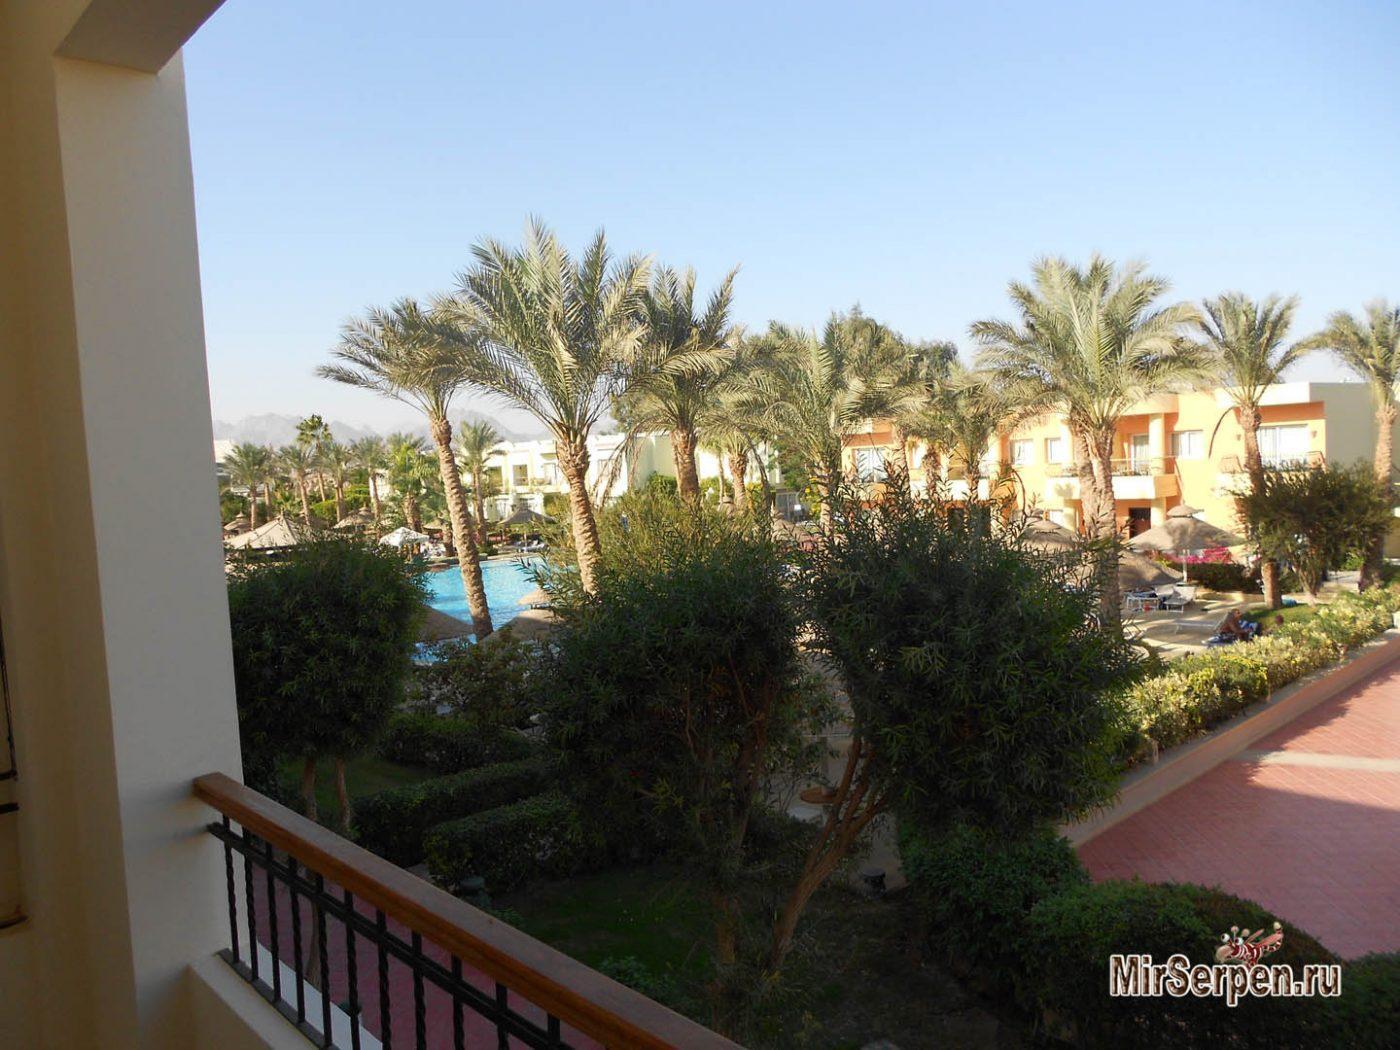 Отзыв об отеле Sierra Resort 5*, Шарм-эш-Шейх, Египет